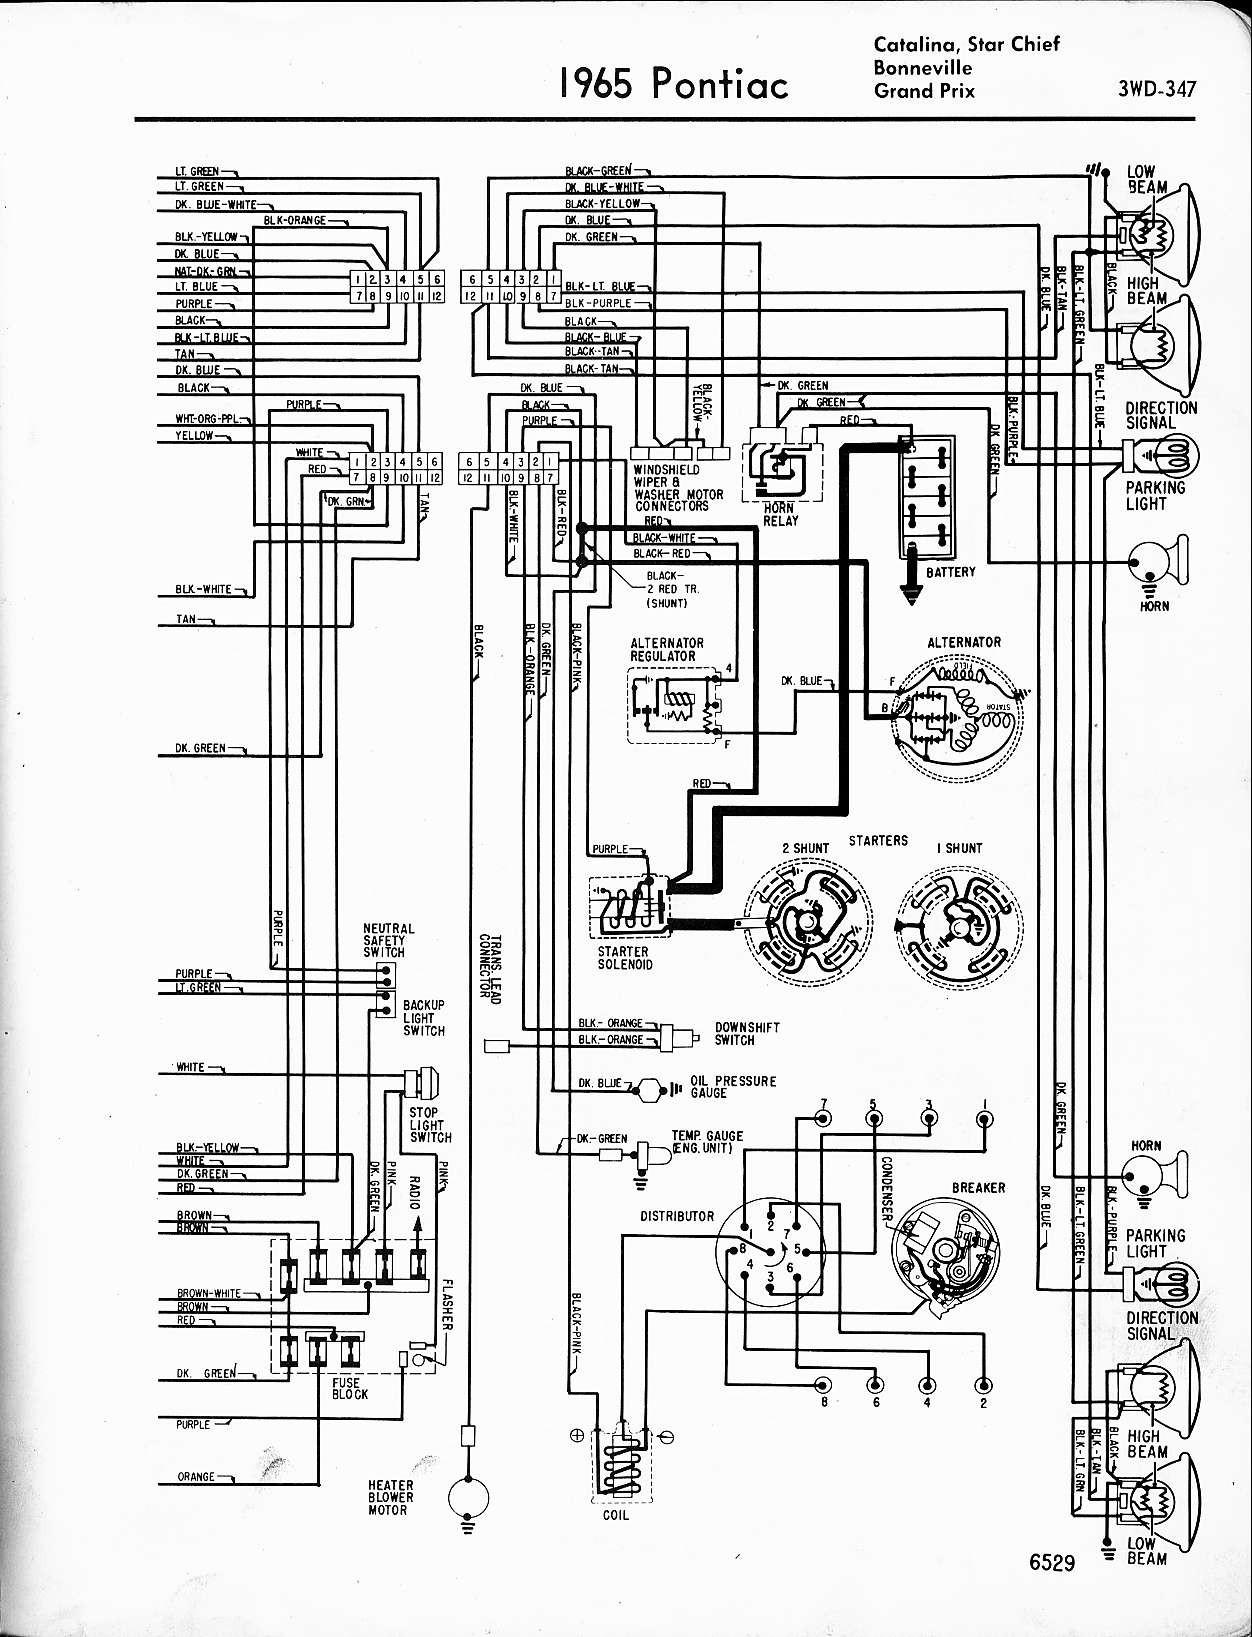 2004 Pontiac Grand Prix Engine Diagram Pontiac Start Wiring Diagram Wiring Diagram Of 2004 Pontiac Grand Prix Engine Diagram